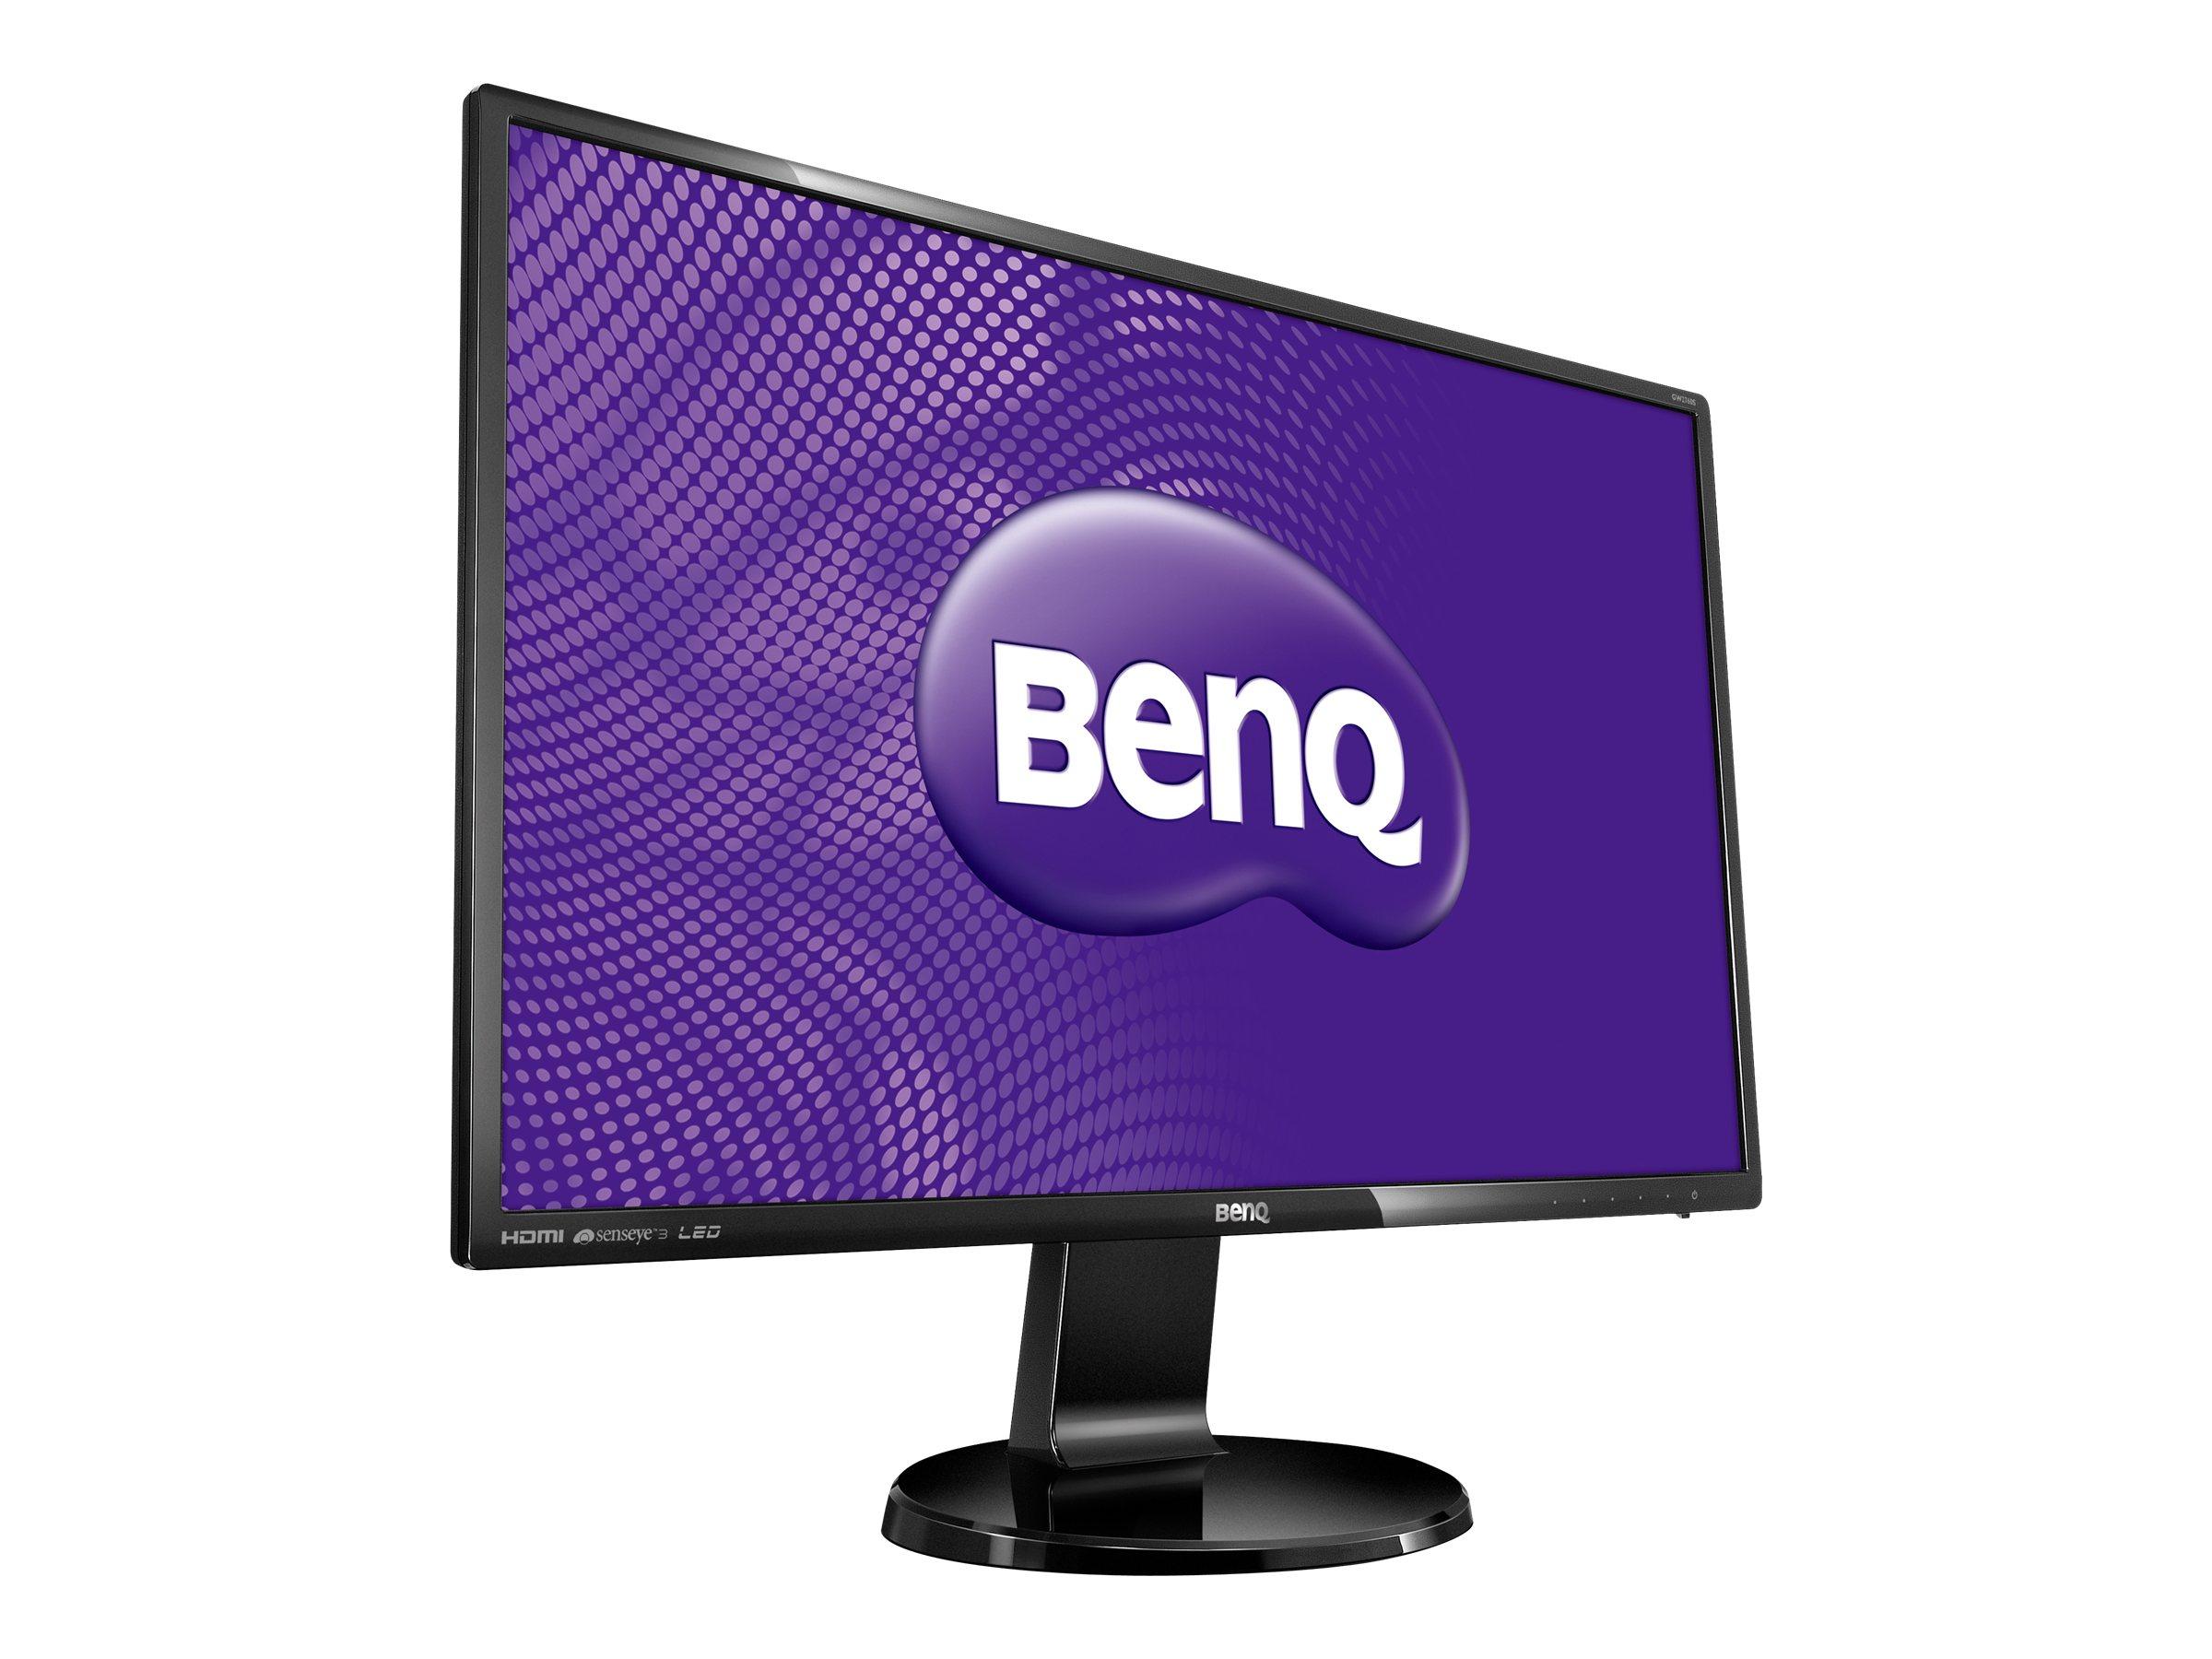 Benq GW2760HS Image 7